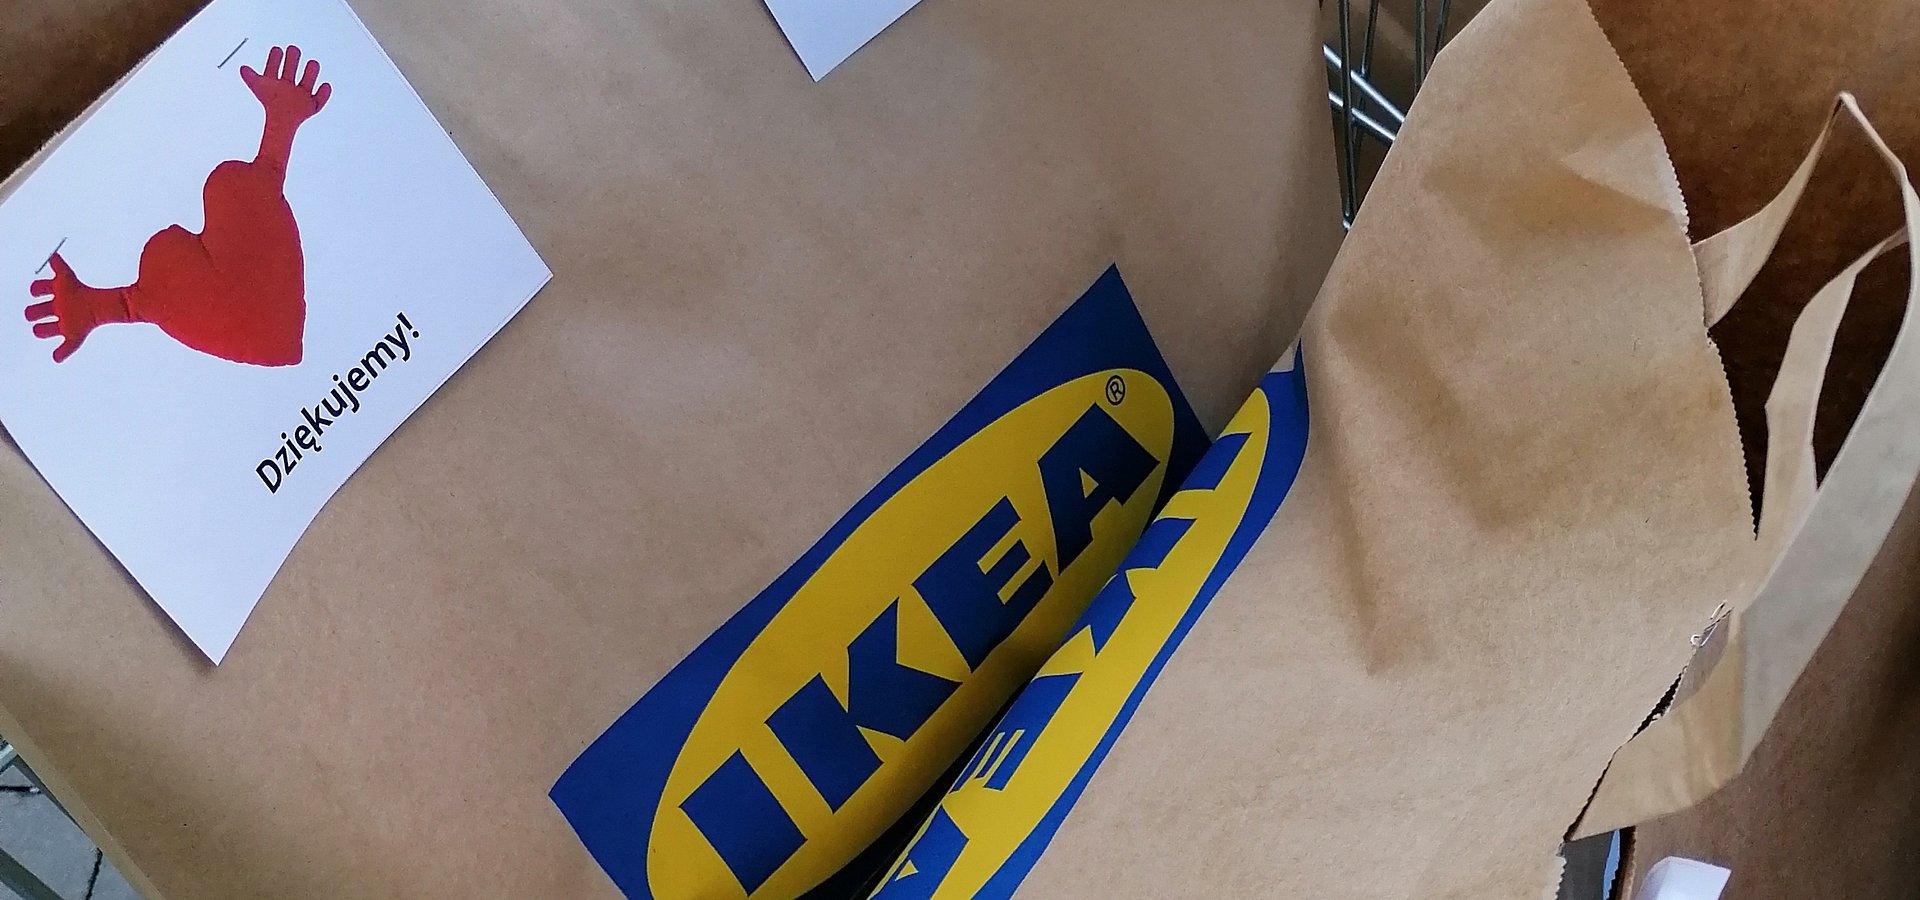 Pomagamy razem! IKEA aktywnie włącza się do akcji #WzywamyPosiłki